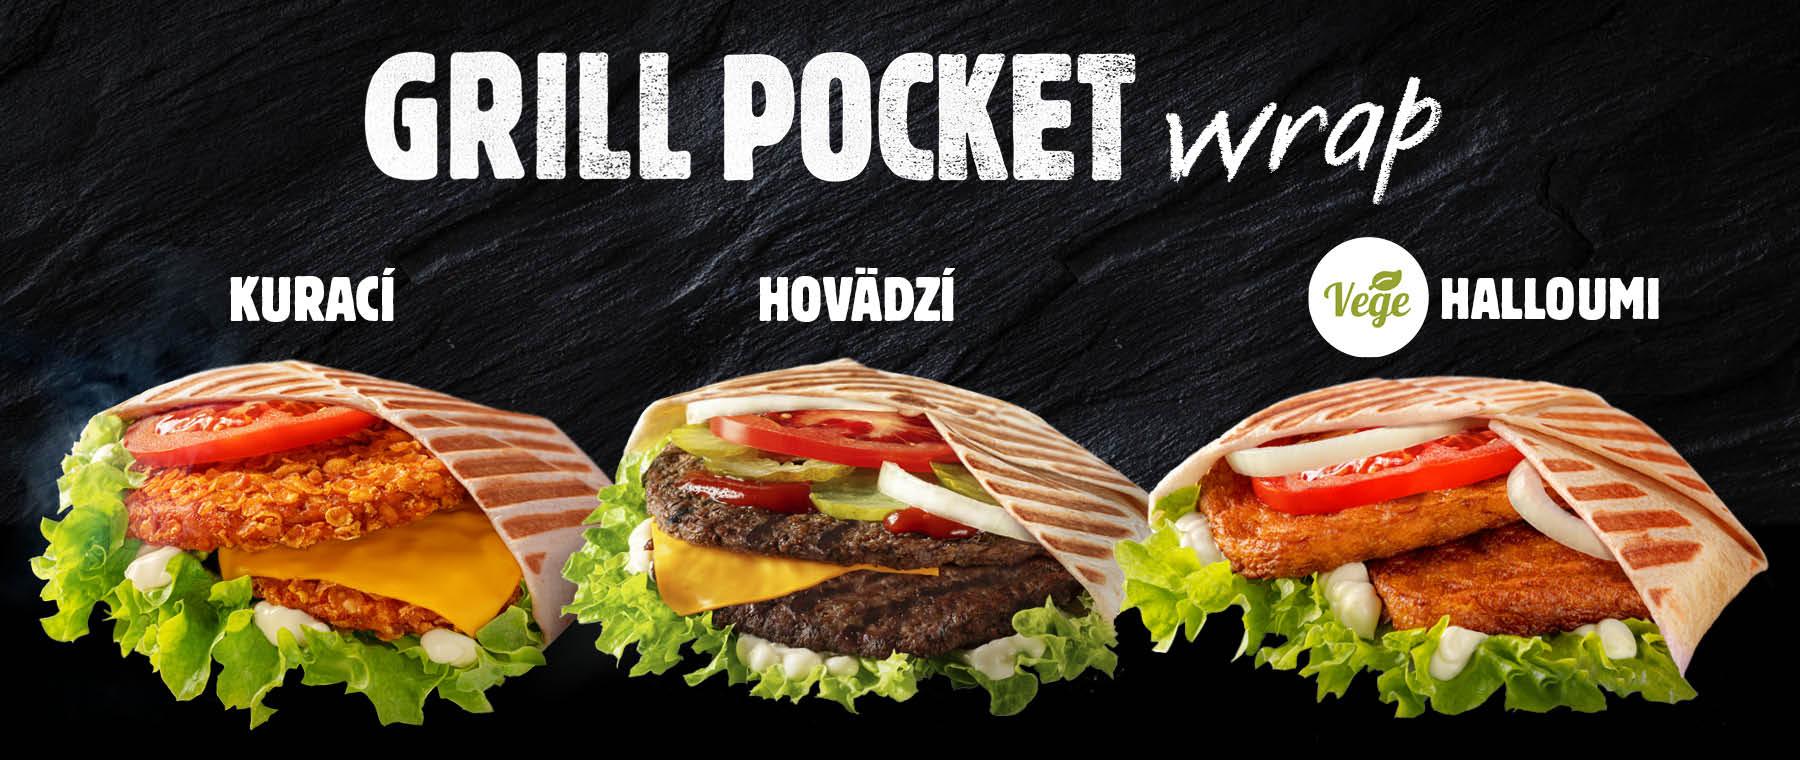 Grill Pocket_